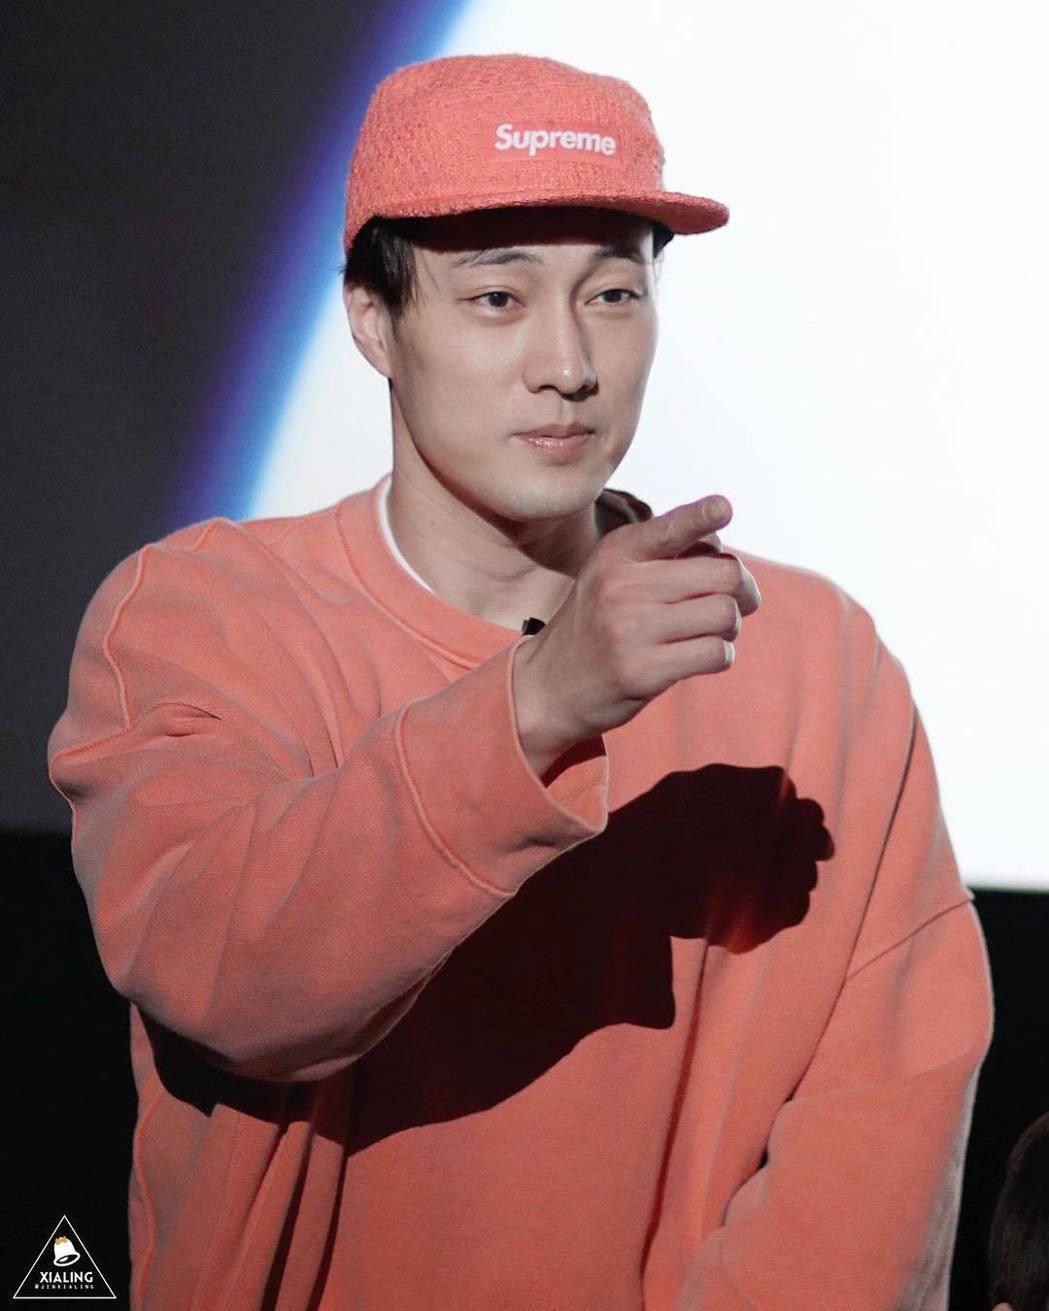 17日出席活動時,蘇志燮戴的也是Supreme的帽子。圖/取自IG